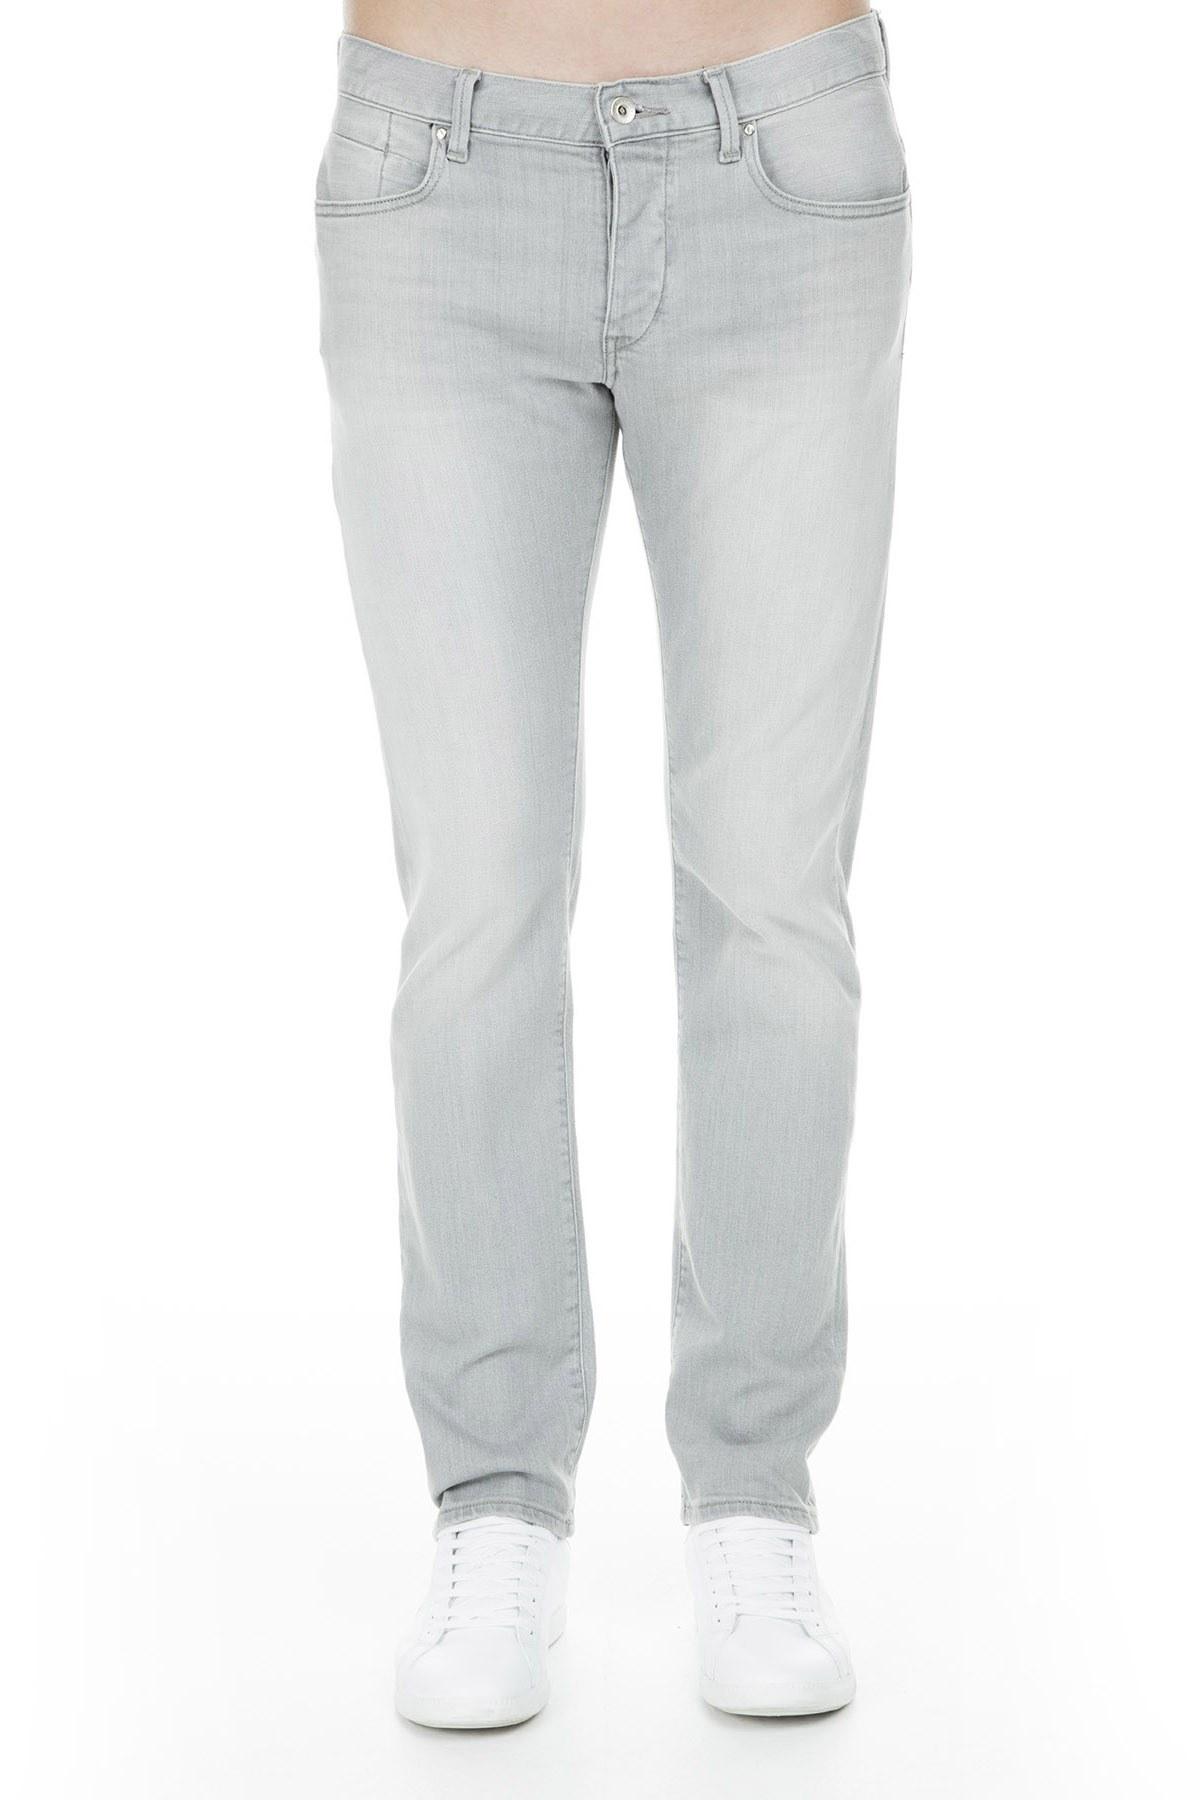 Armani Exchange J17 Jeans Erkek Kot Pantolon 3GZJ17 Z1QJZ 0904 GRİ